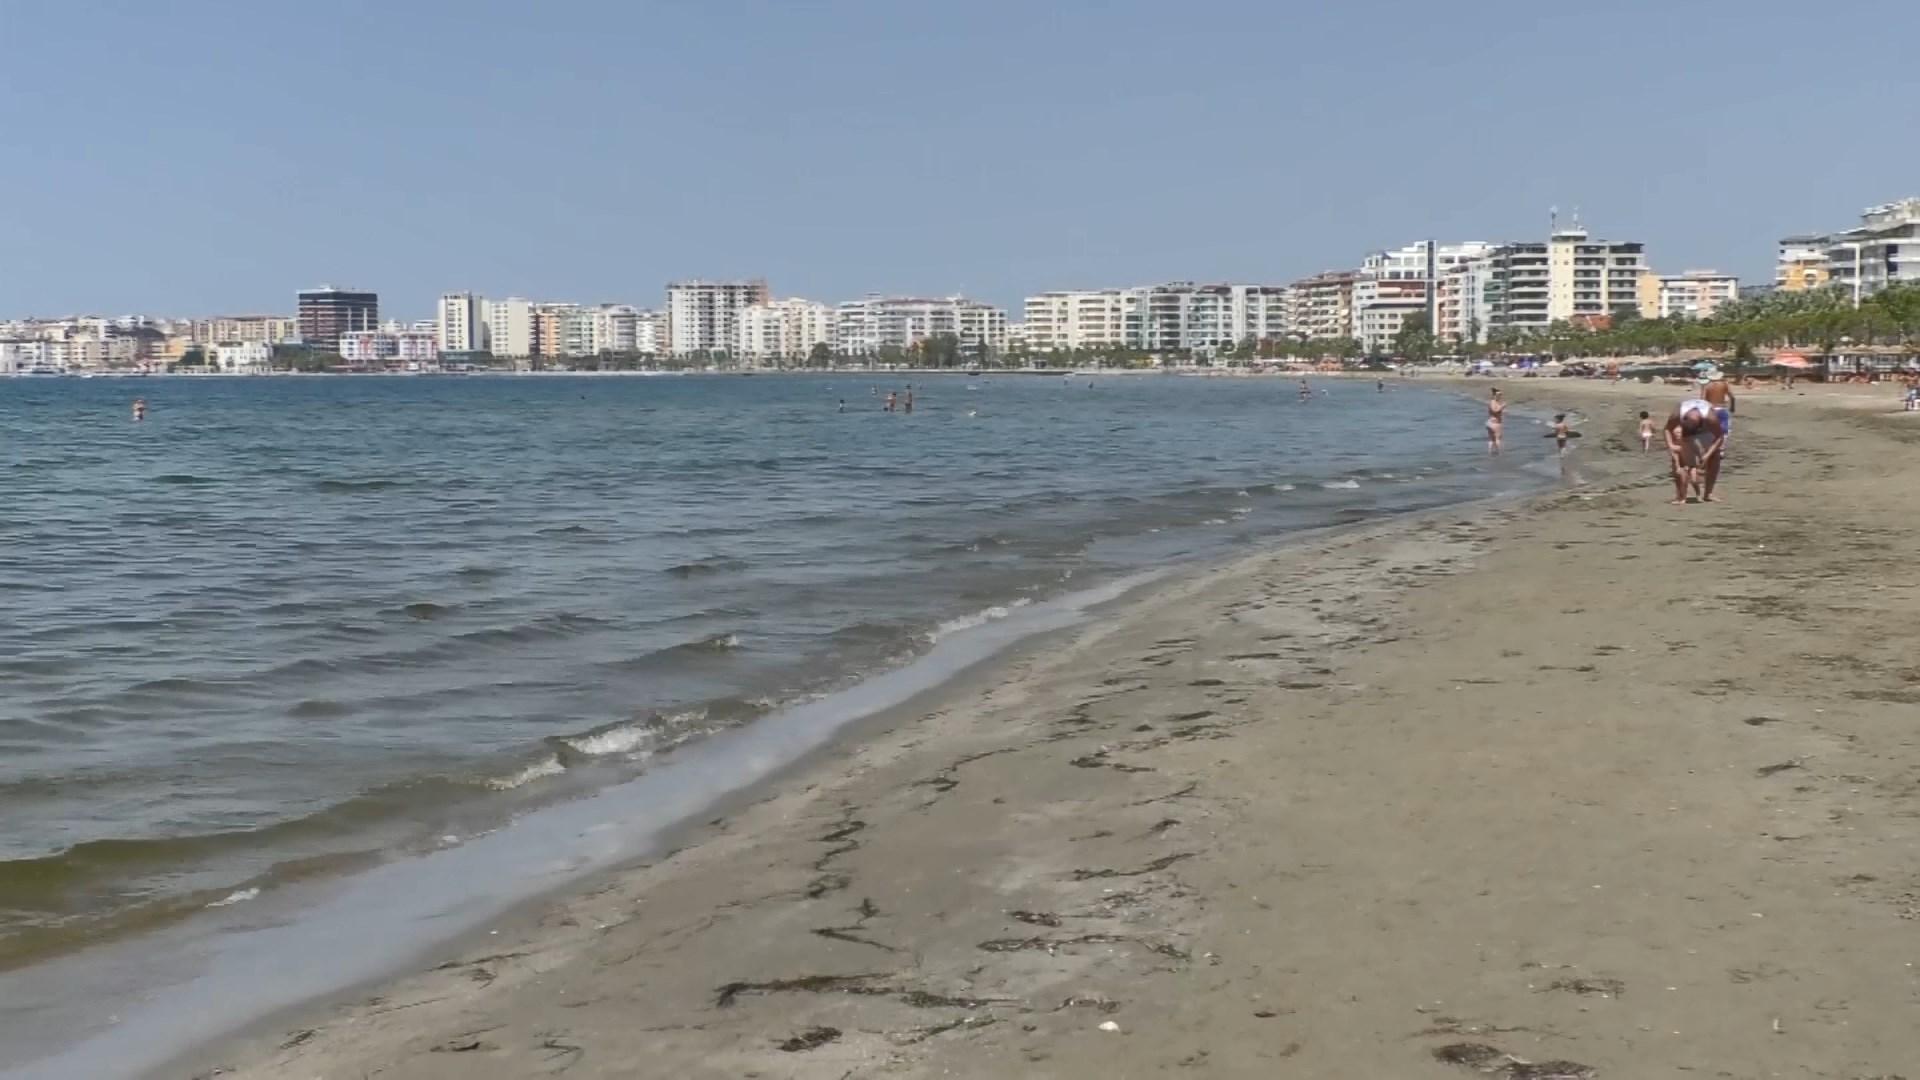 Temperaturat e larta, pushuesit nuk i largohen Vlorës edhe në shtator